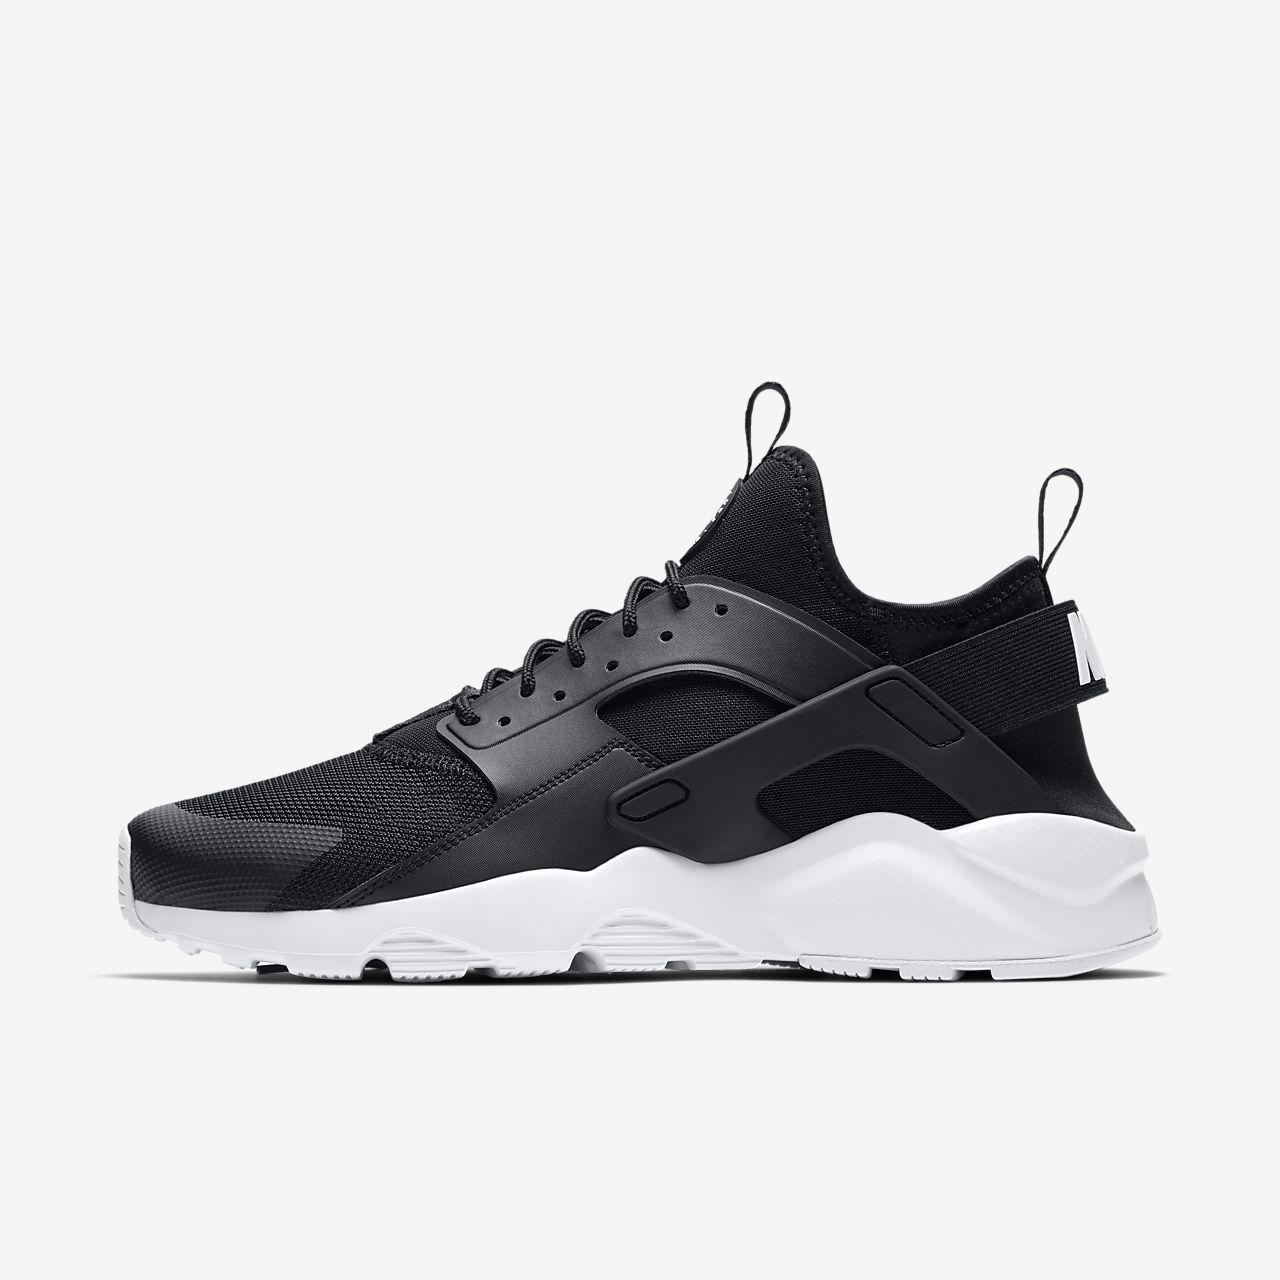 8307c791898 Sapatilhas Nike Air Huarache Ultra para homem. Nike.com PT